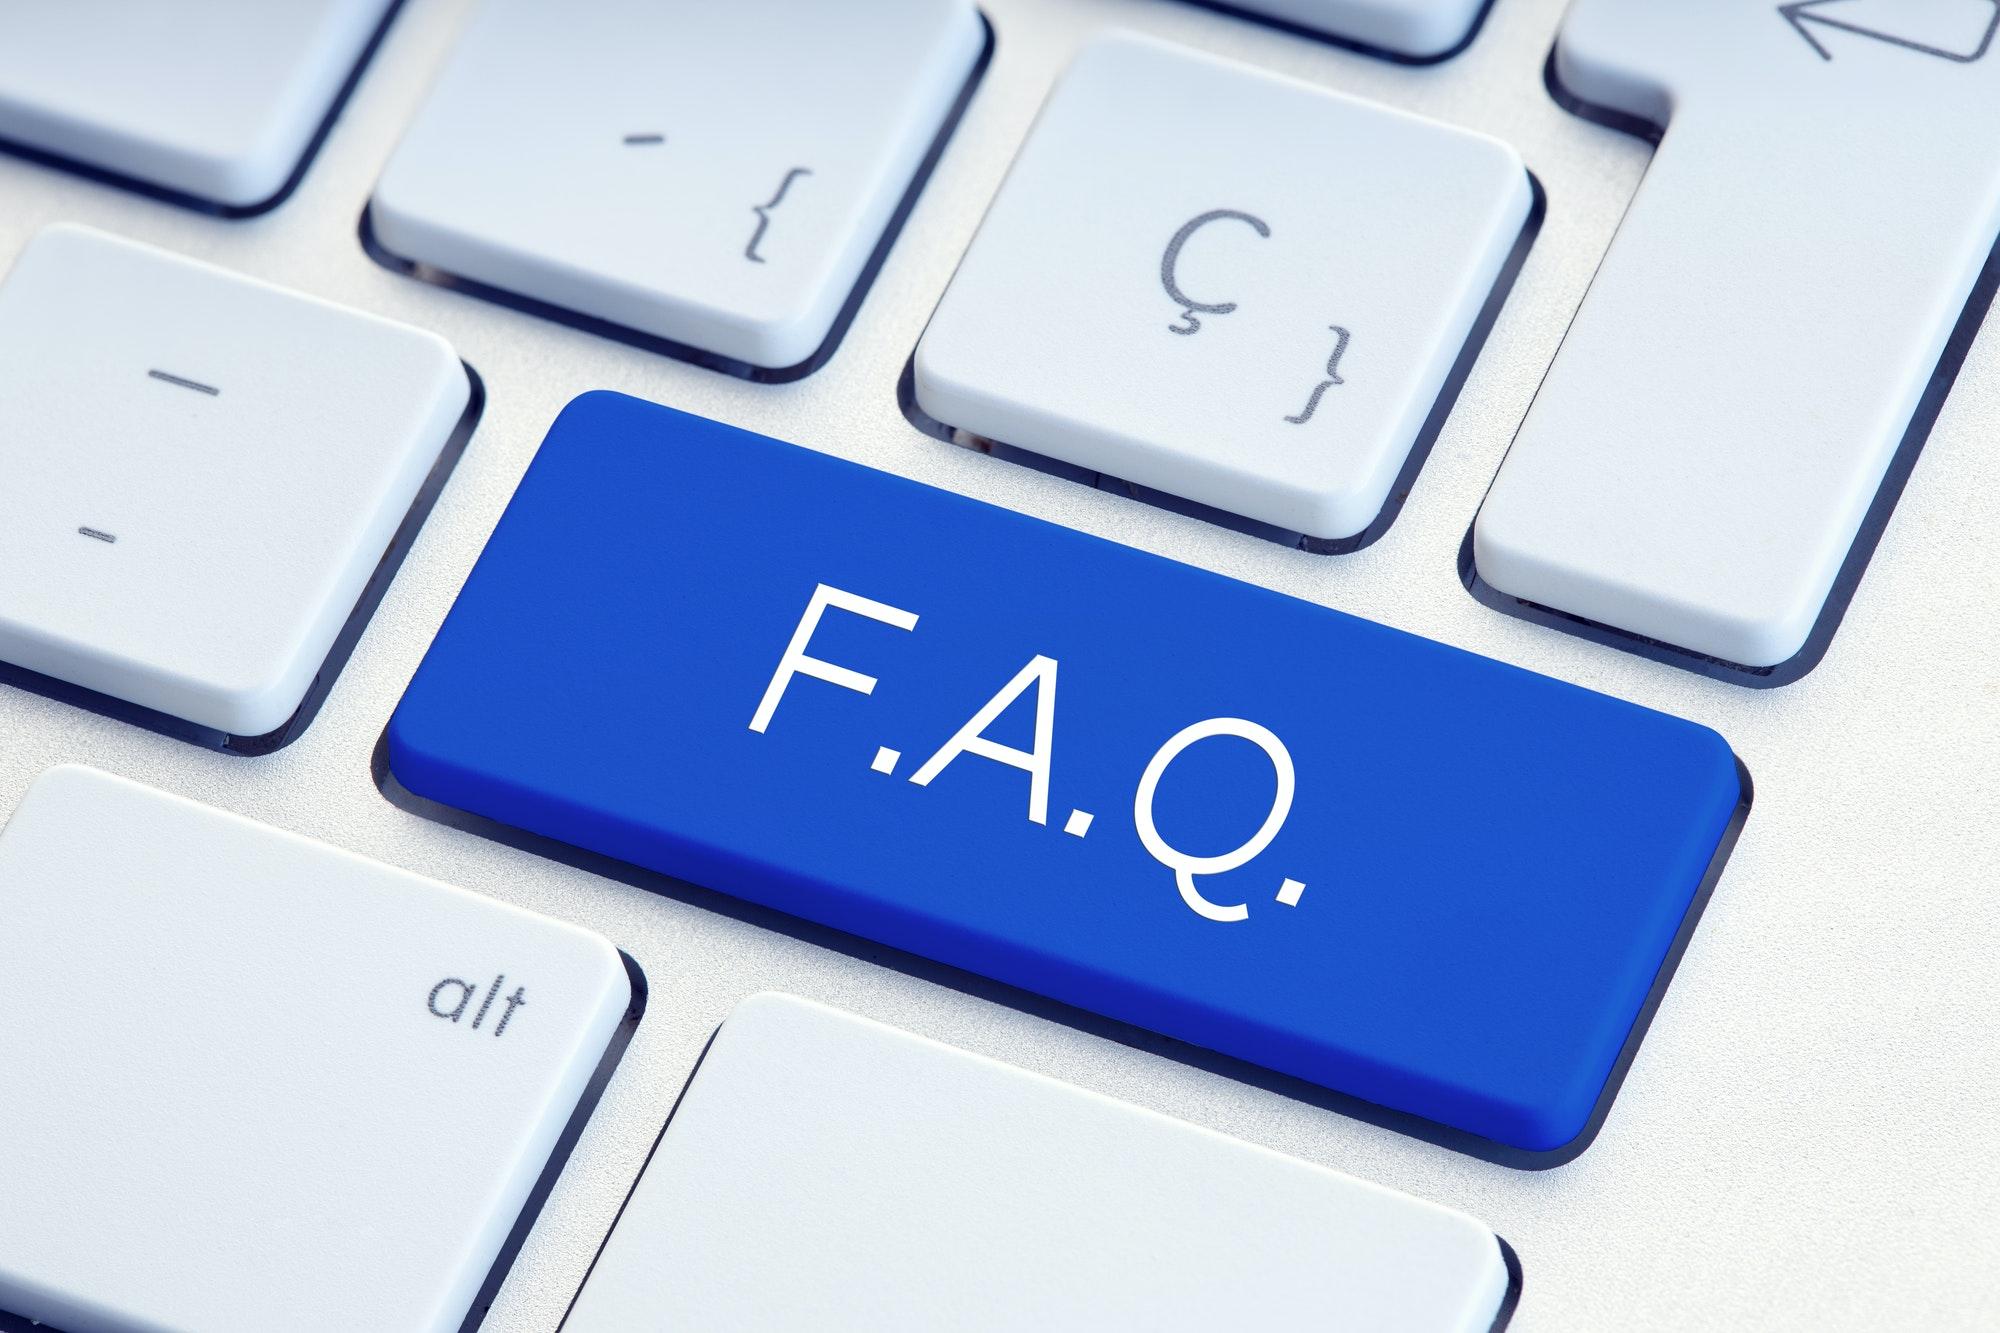 FAQ Word on blue Key